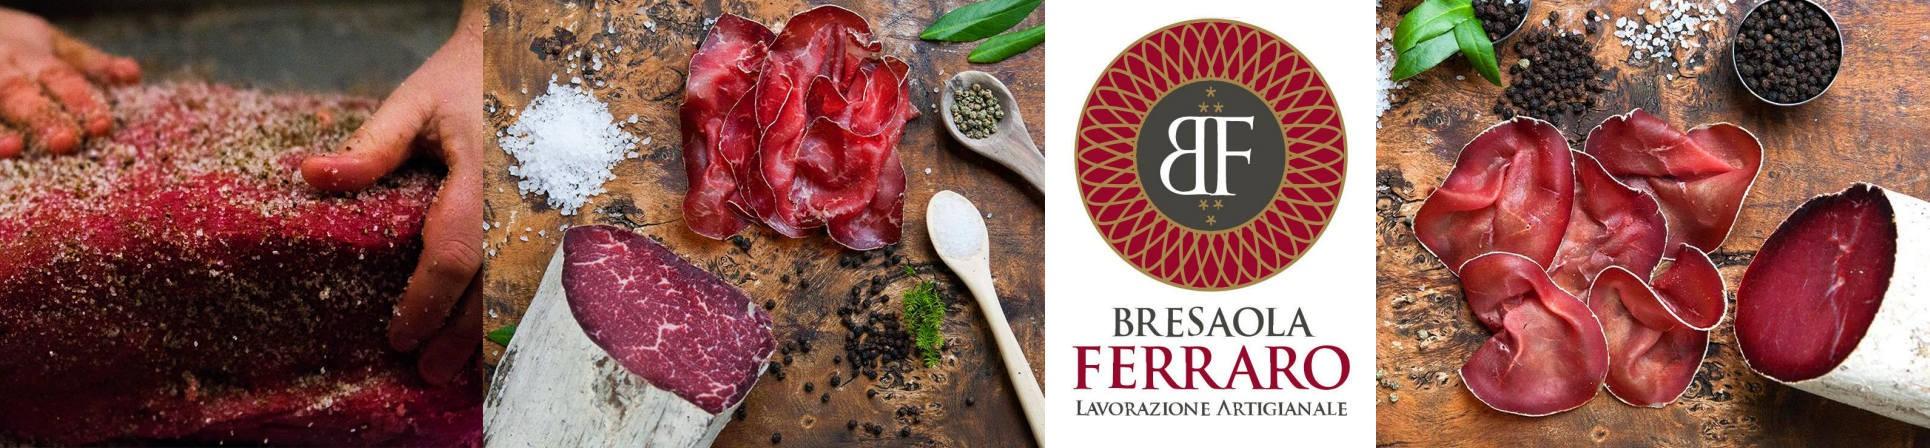 Brisaola artigianale Vendita online - Bresaola FERRARO